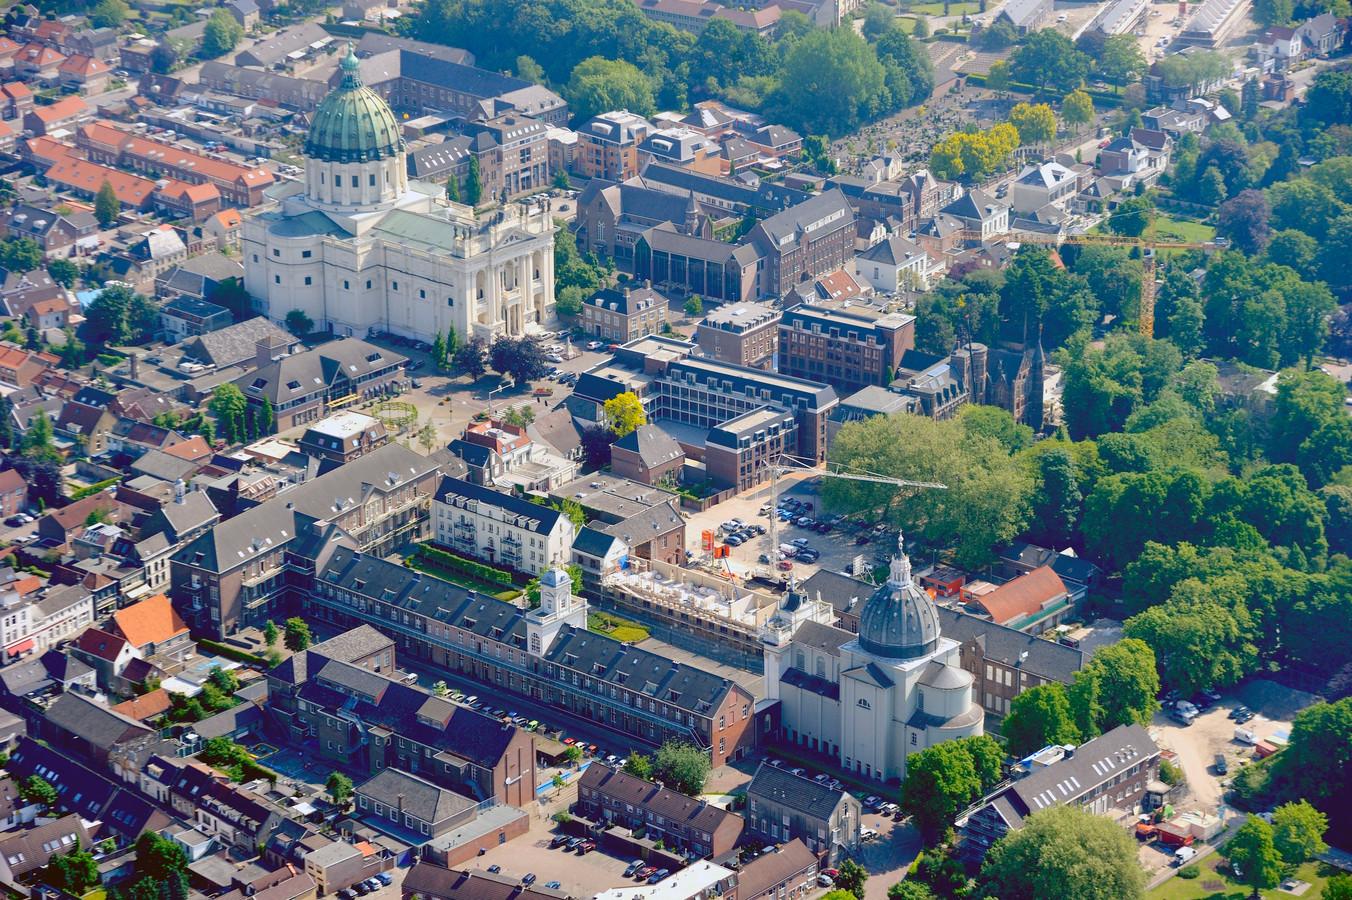 Luchtfoto van Oudenbosch. Rechts van de basiliek Sint Anna met daarachter de muziekschool, die tegen de vlakte gaat. Vooraan de kapel van Saint Louis met rechts de Mariabouw. Daar komt het cultuurcluster.